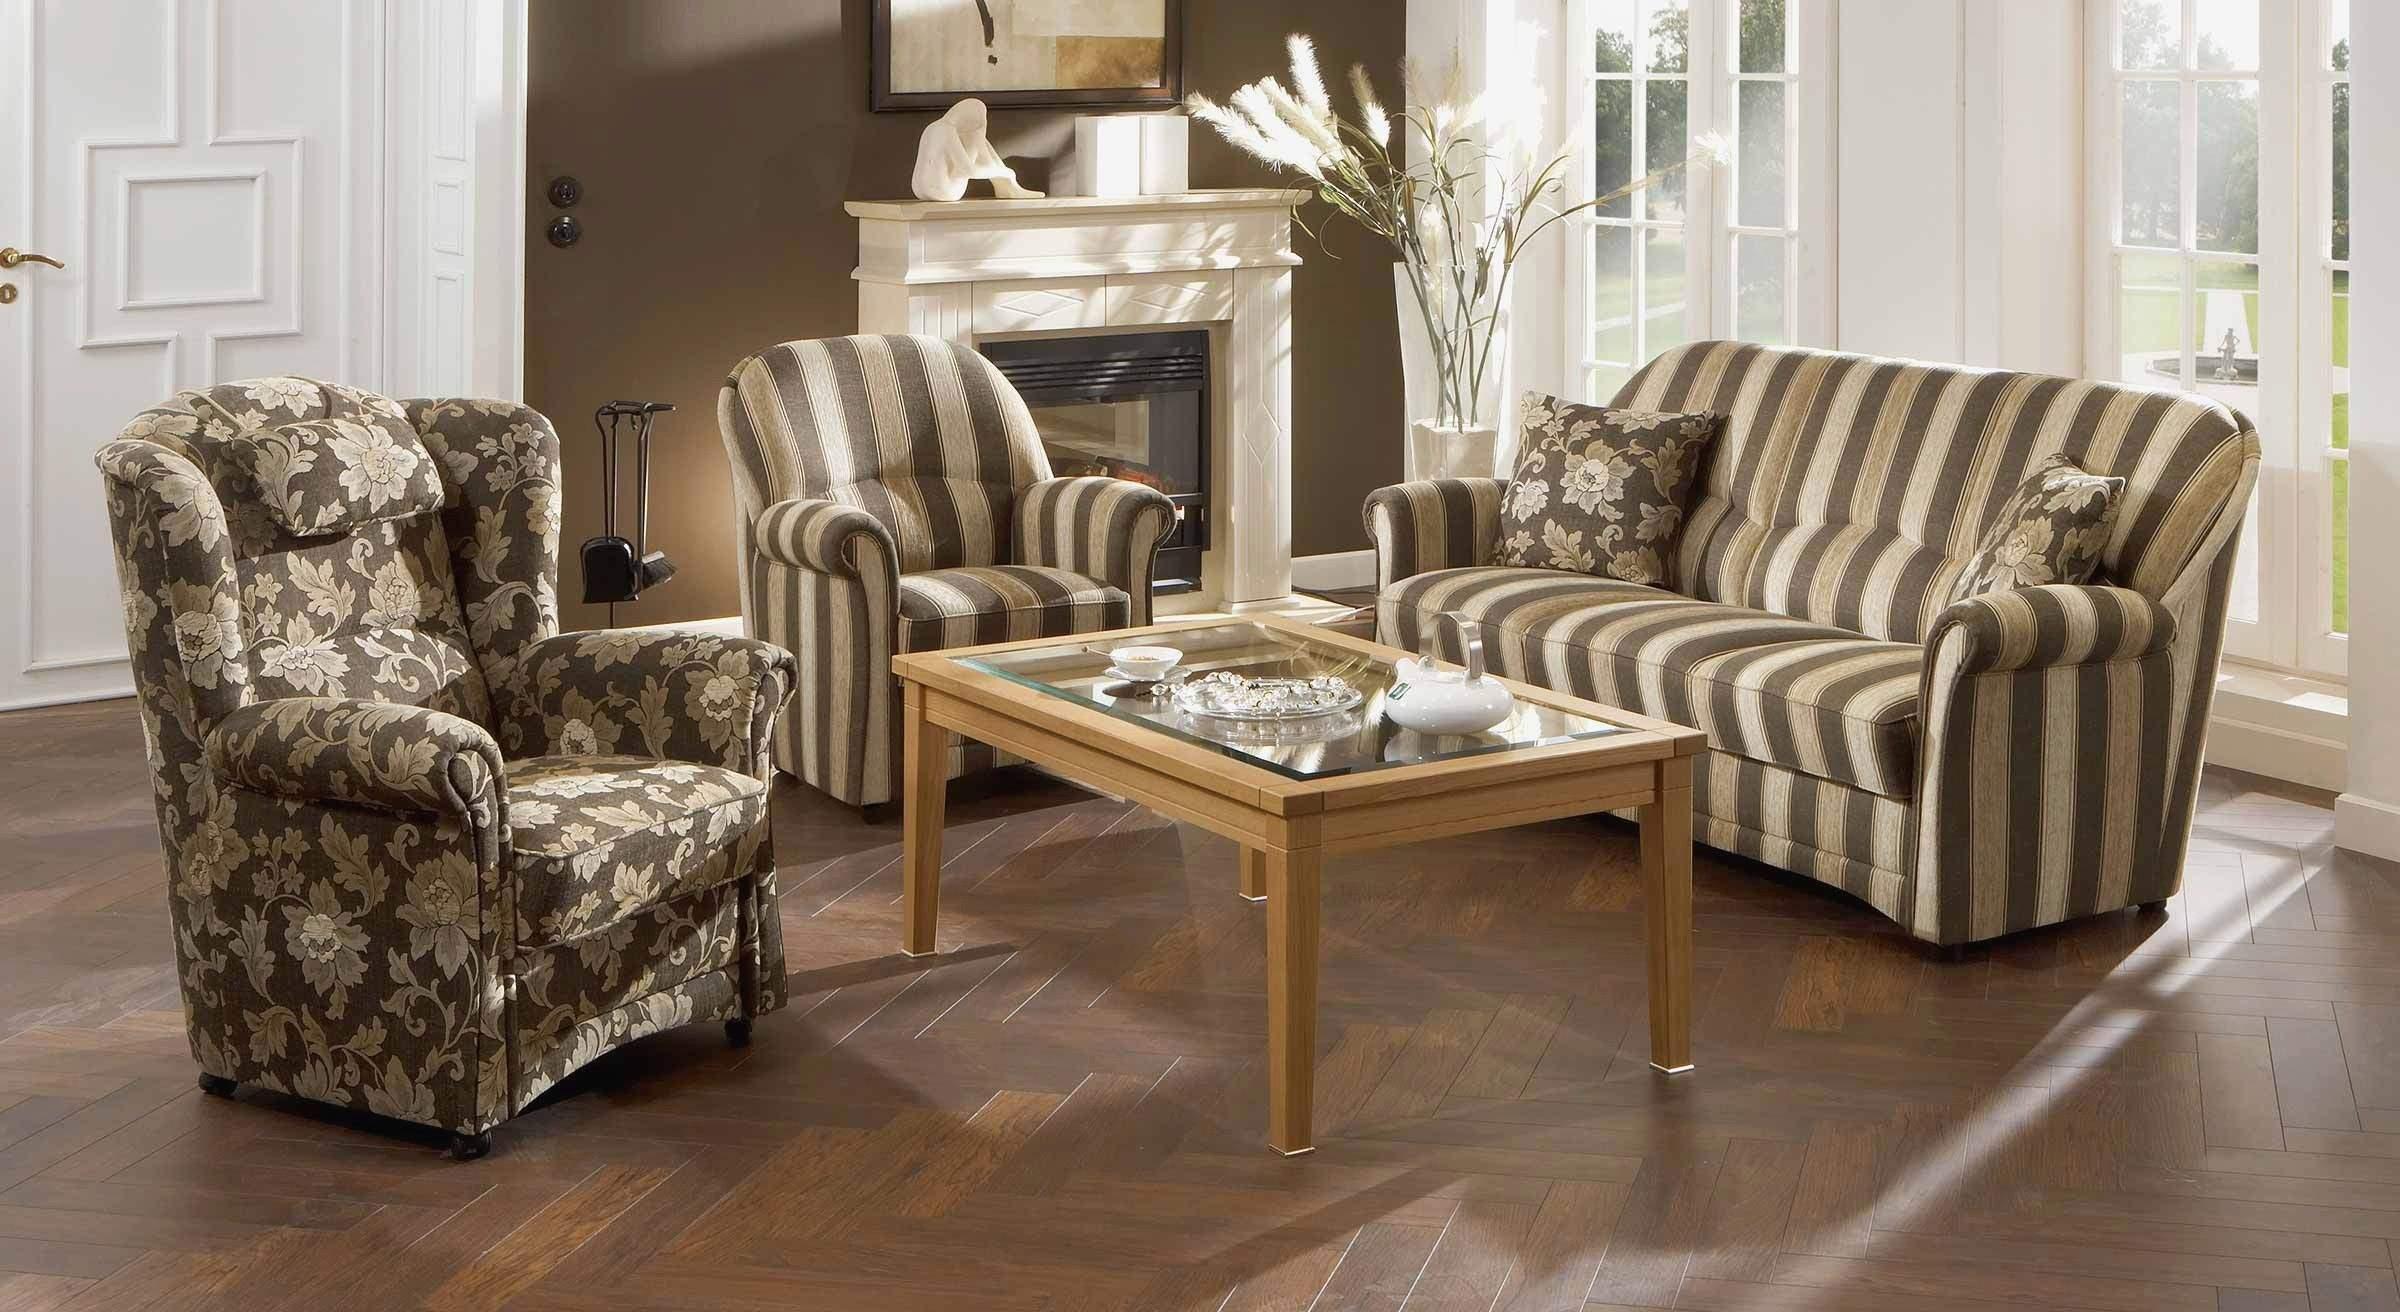 stuehle polstern kosten sthle polstern amazing neu stuhl neu polstern stuhl neu beziehen einzigartig